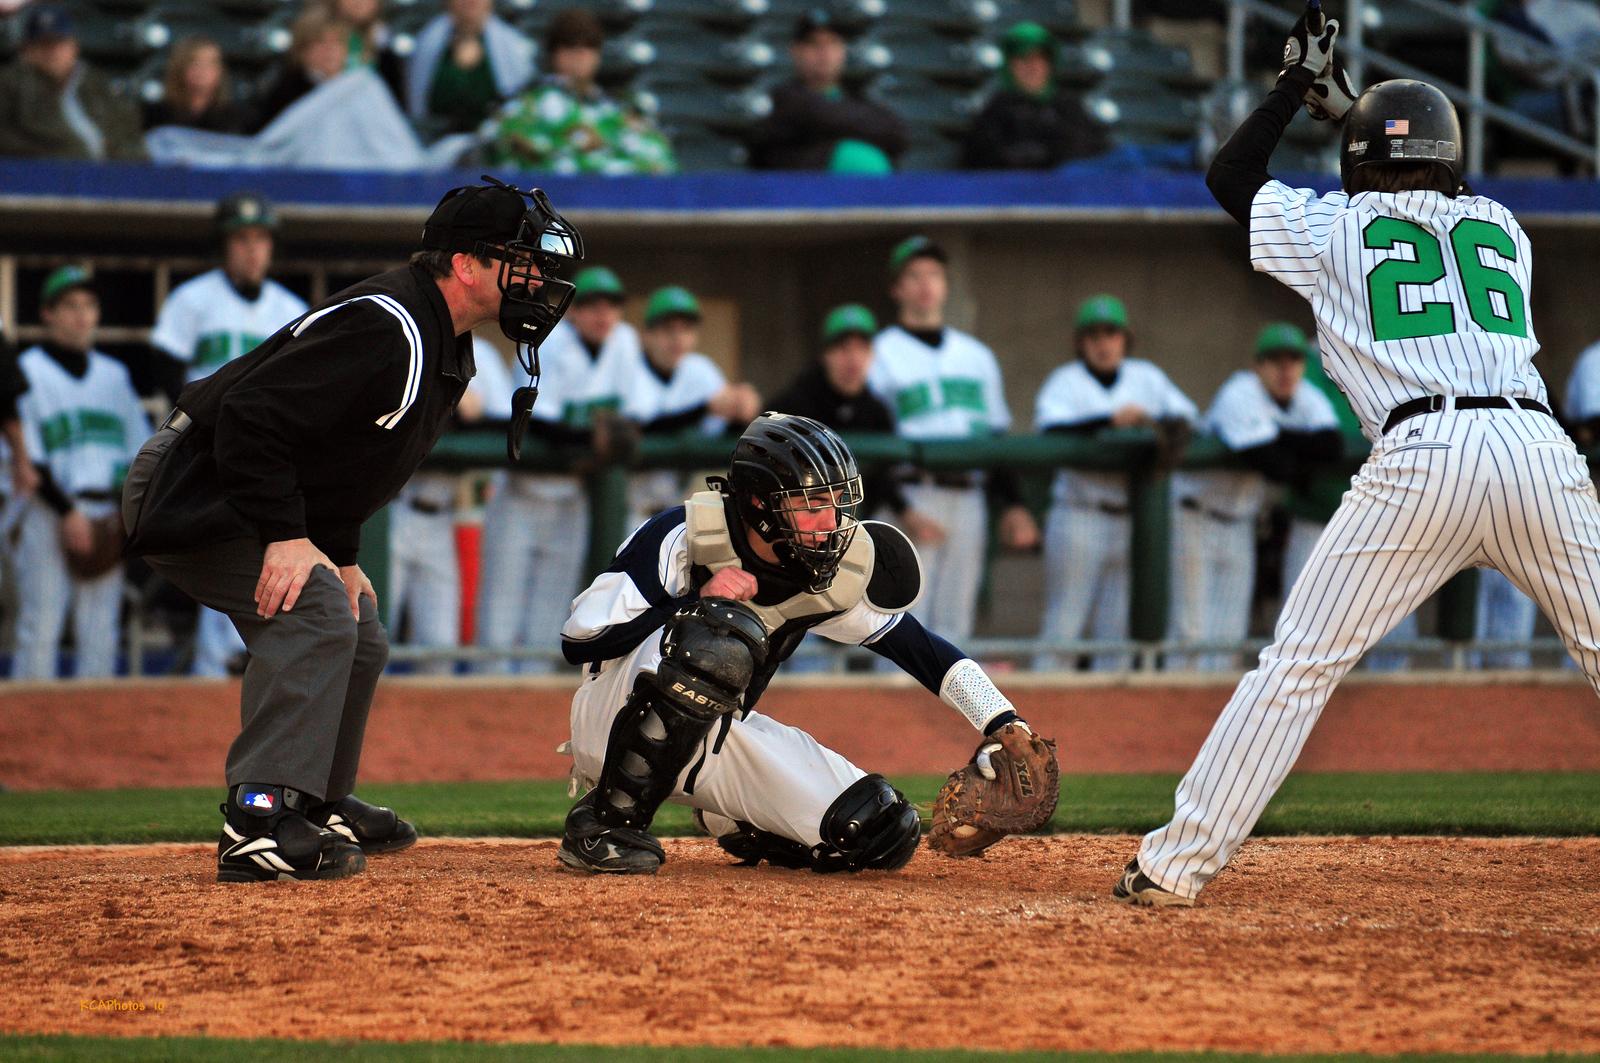 2010 SCS Baseball vs Van Buren  4288x2848-196